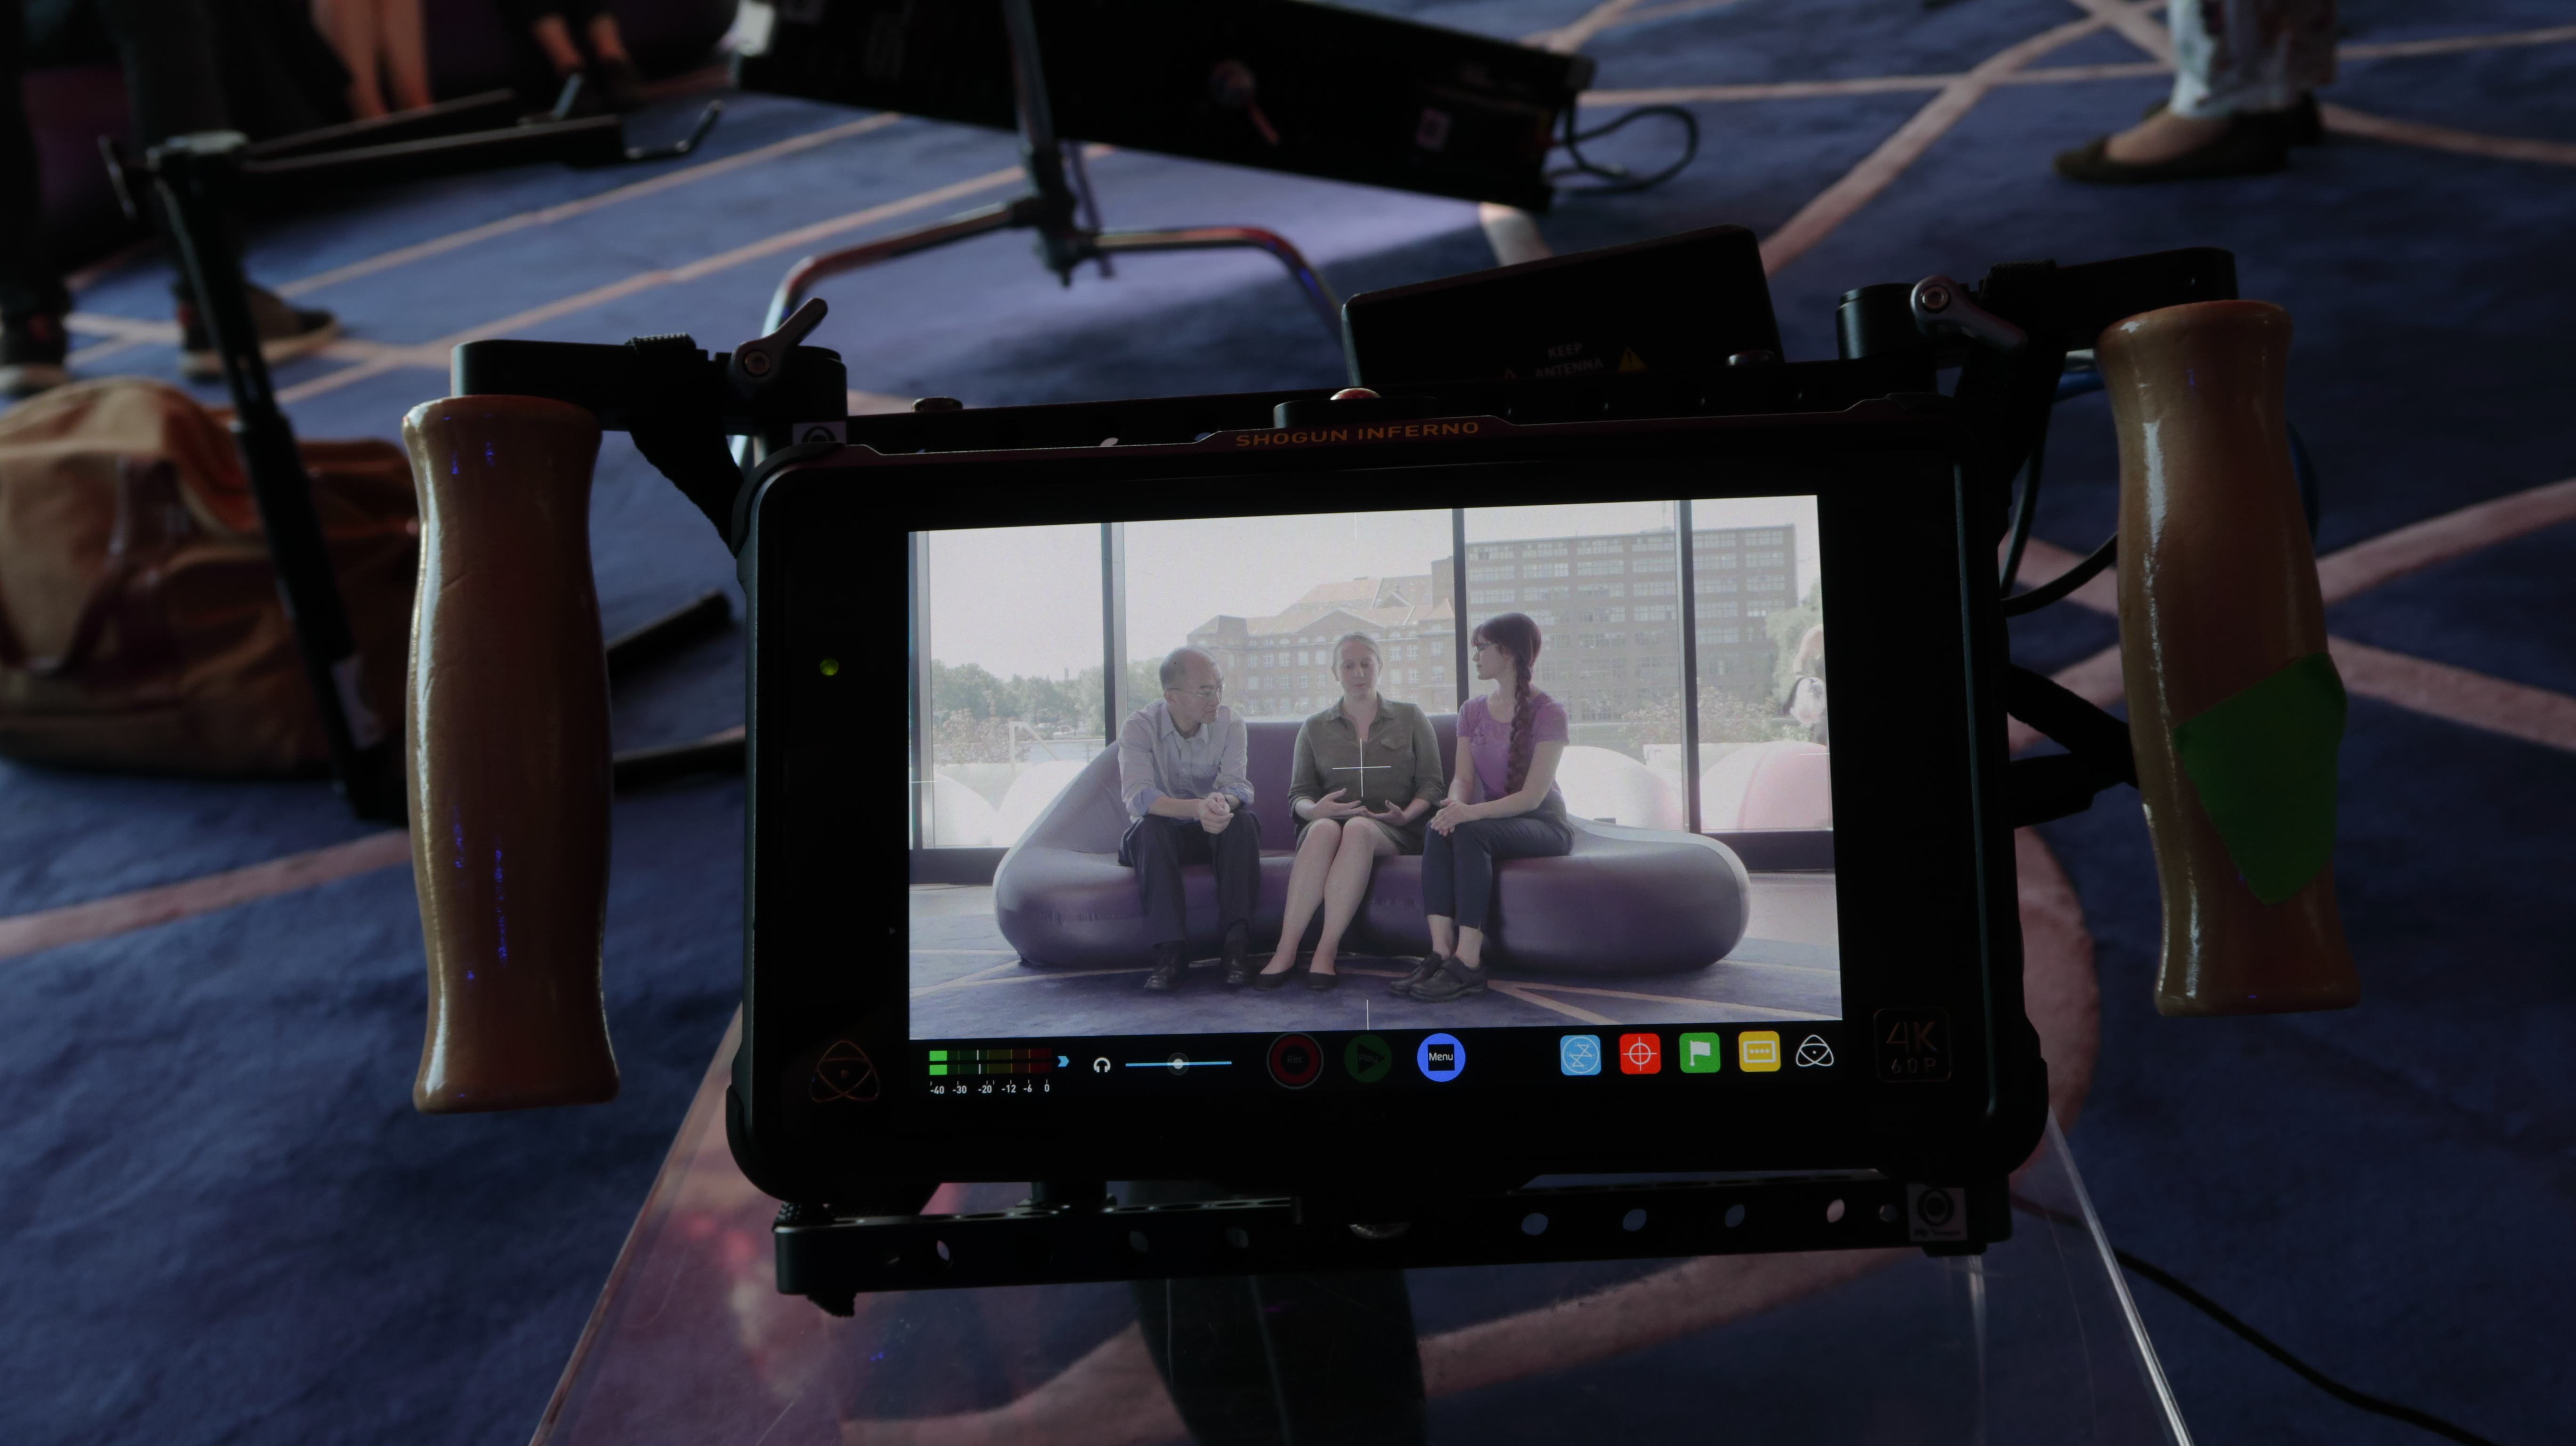 Merck filming